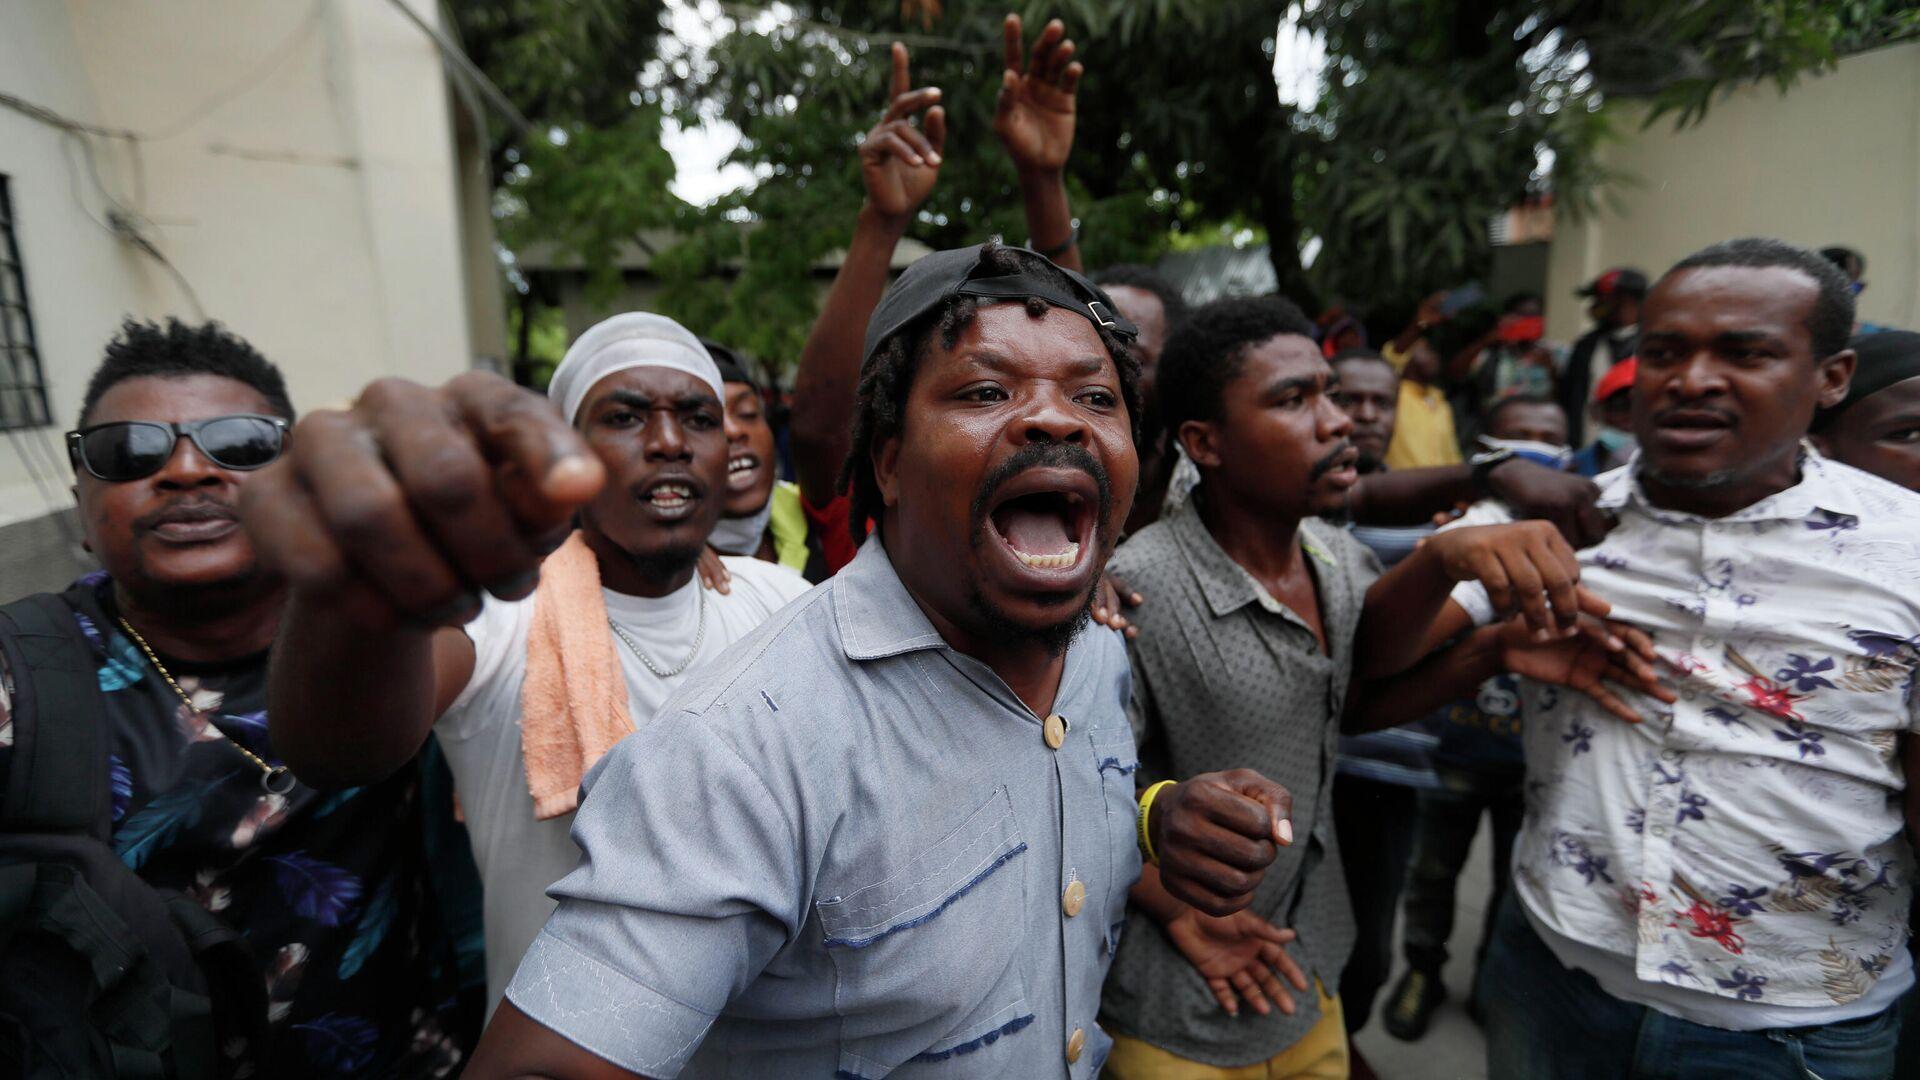 Сторонники бывшего сенатора Гаити Стивена Бенуа выступают перед зданием суда Порт-о-Пренсе - РИА Новости, 1920, 24.09.2021